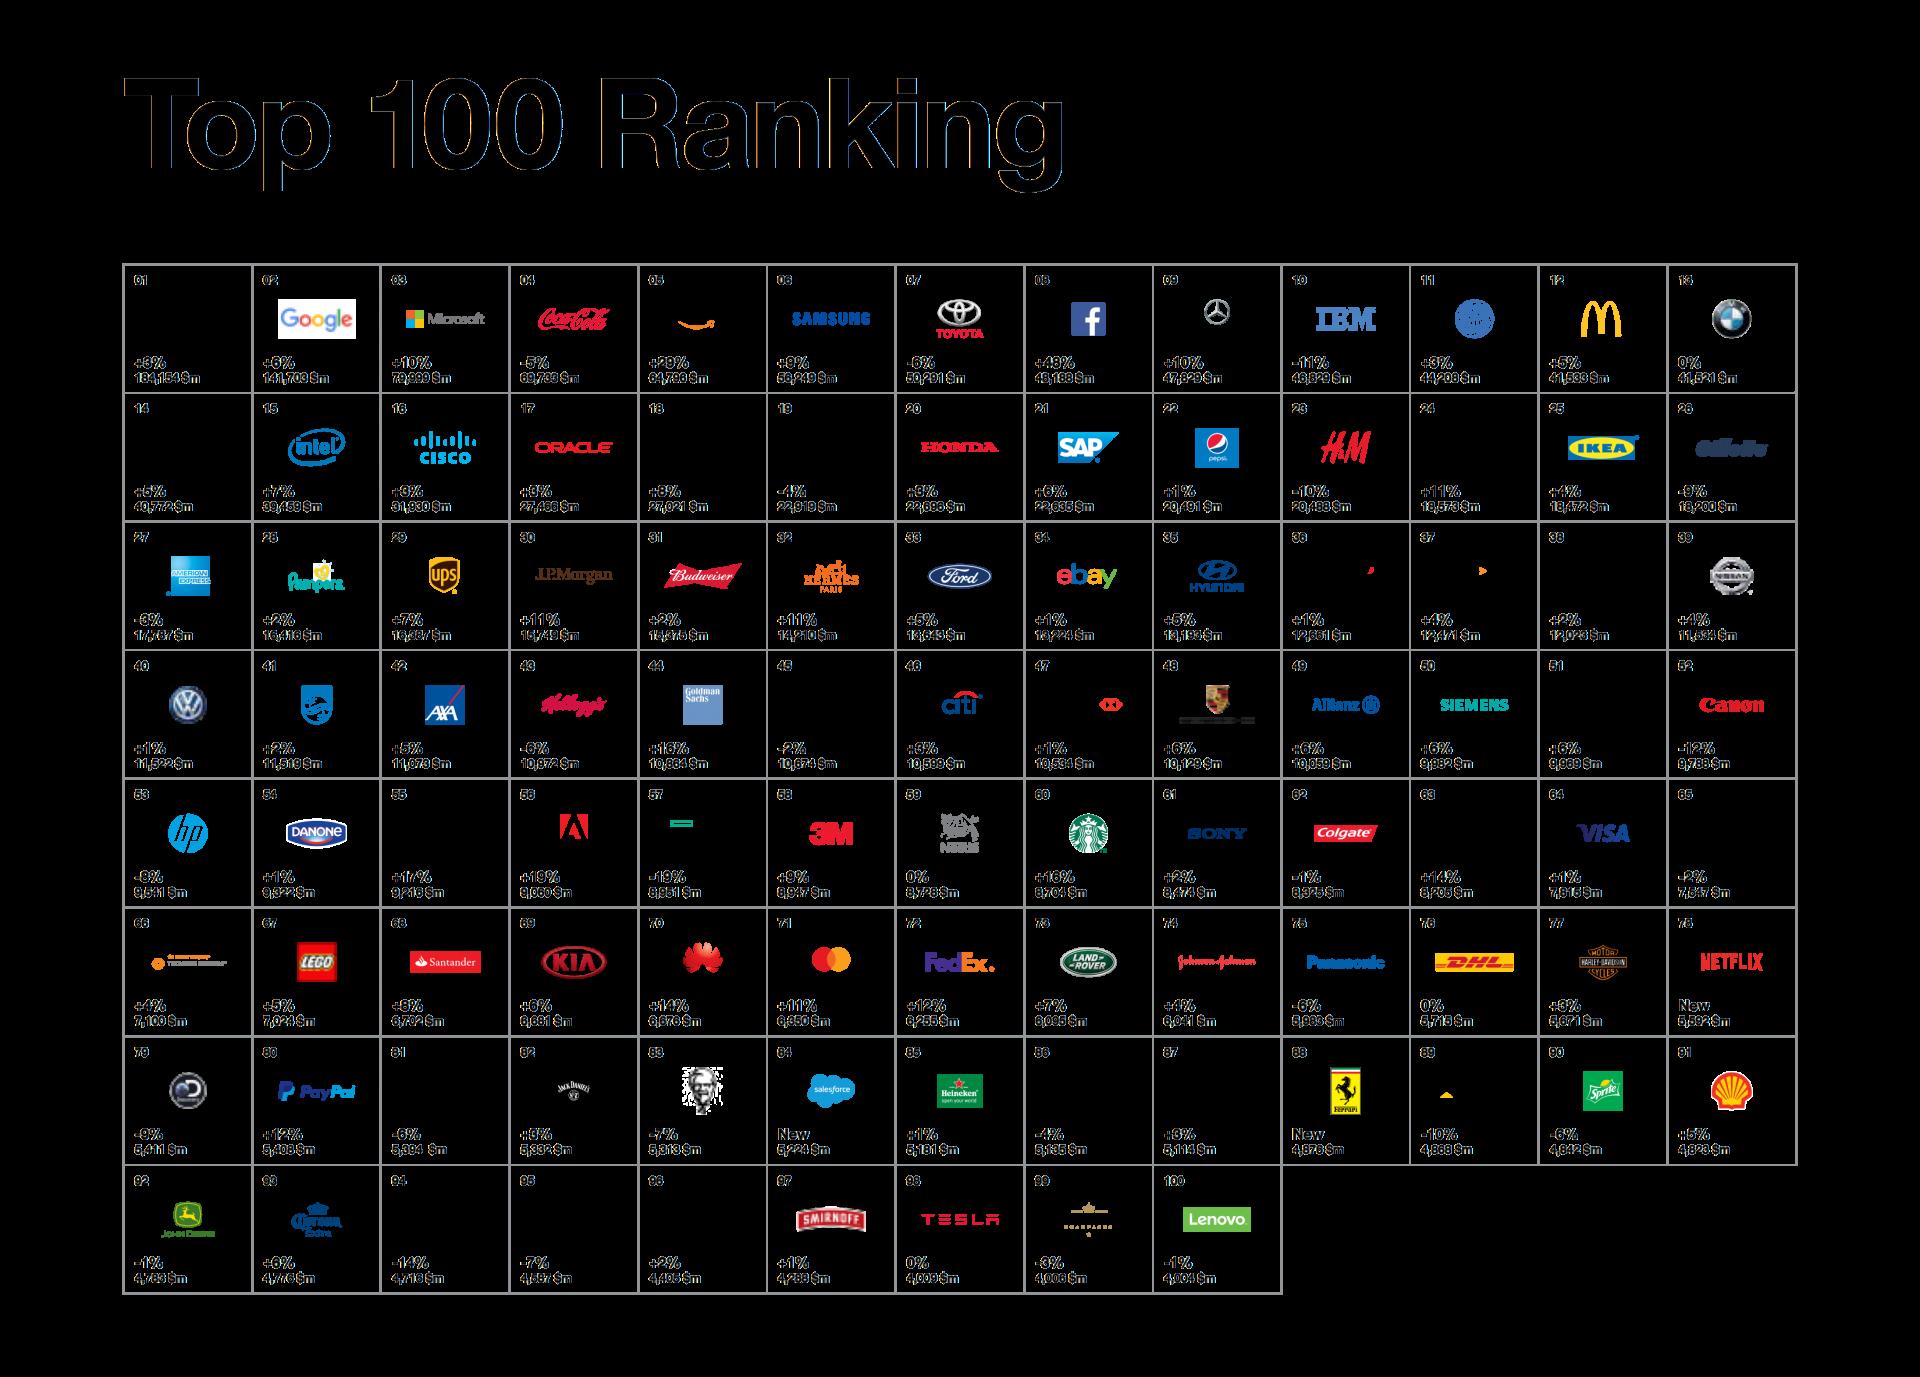 Best Global Brands 2017 - 100 migliori marchi